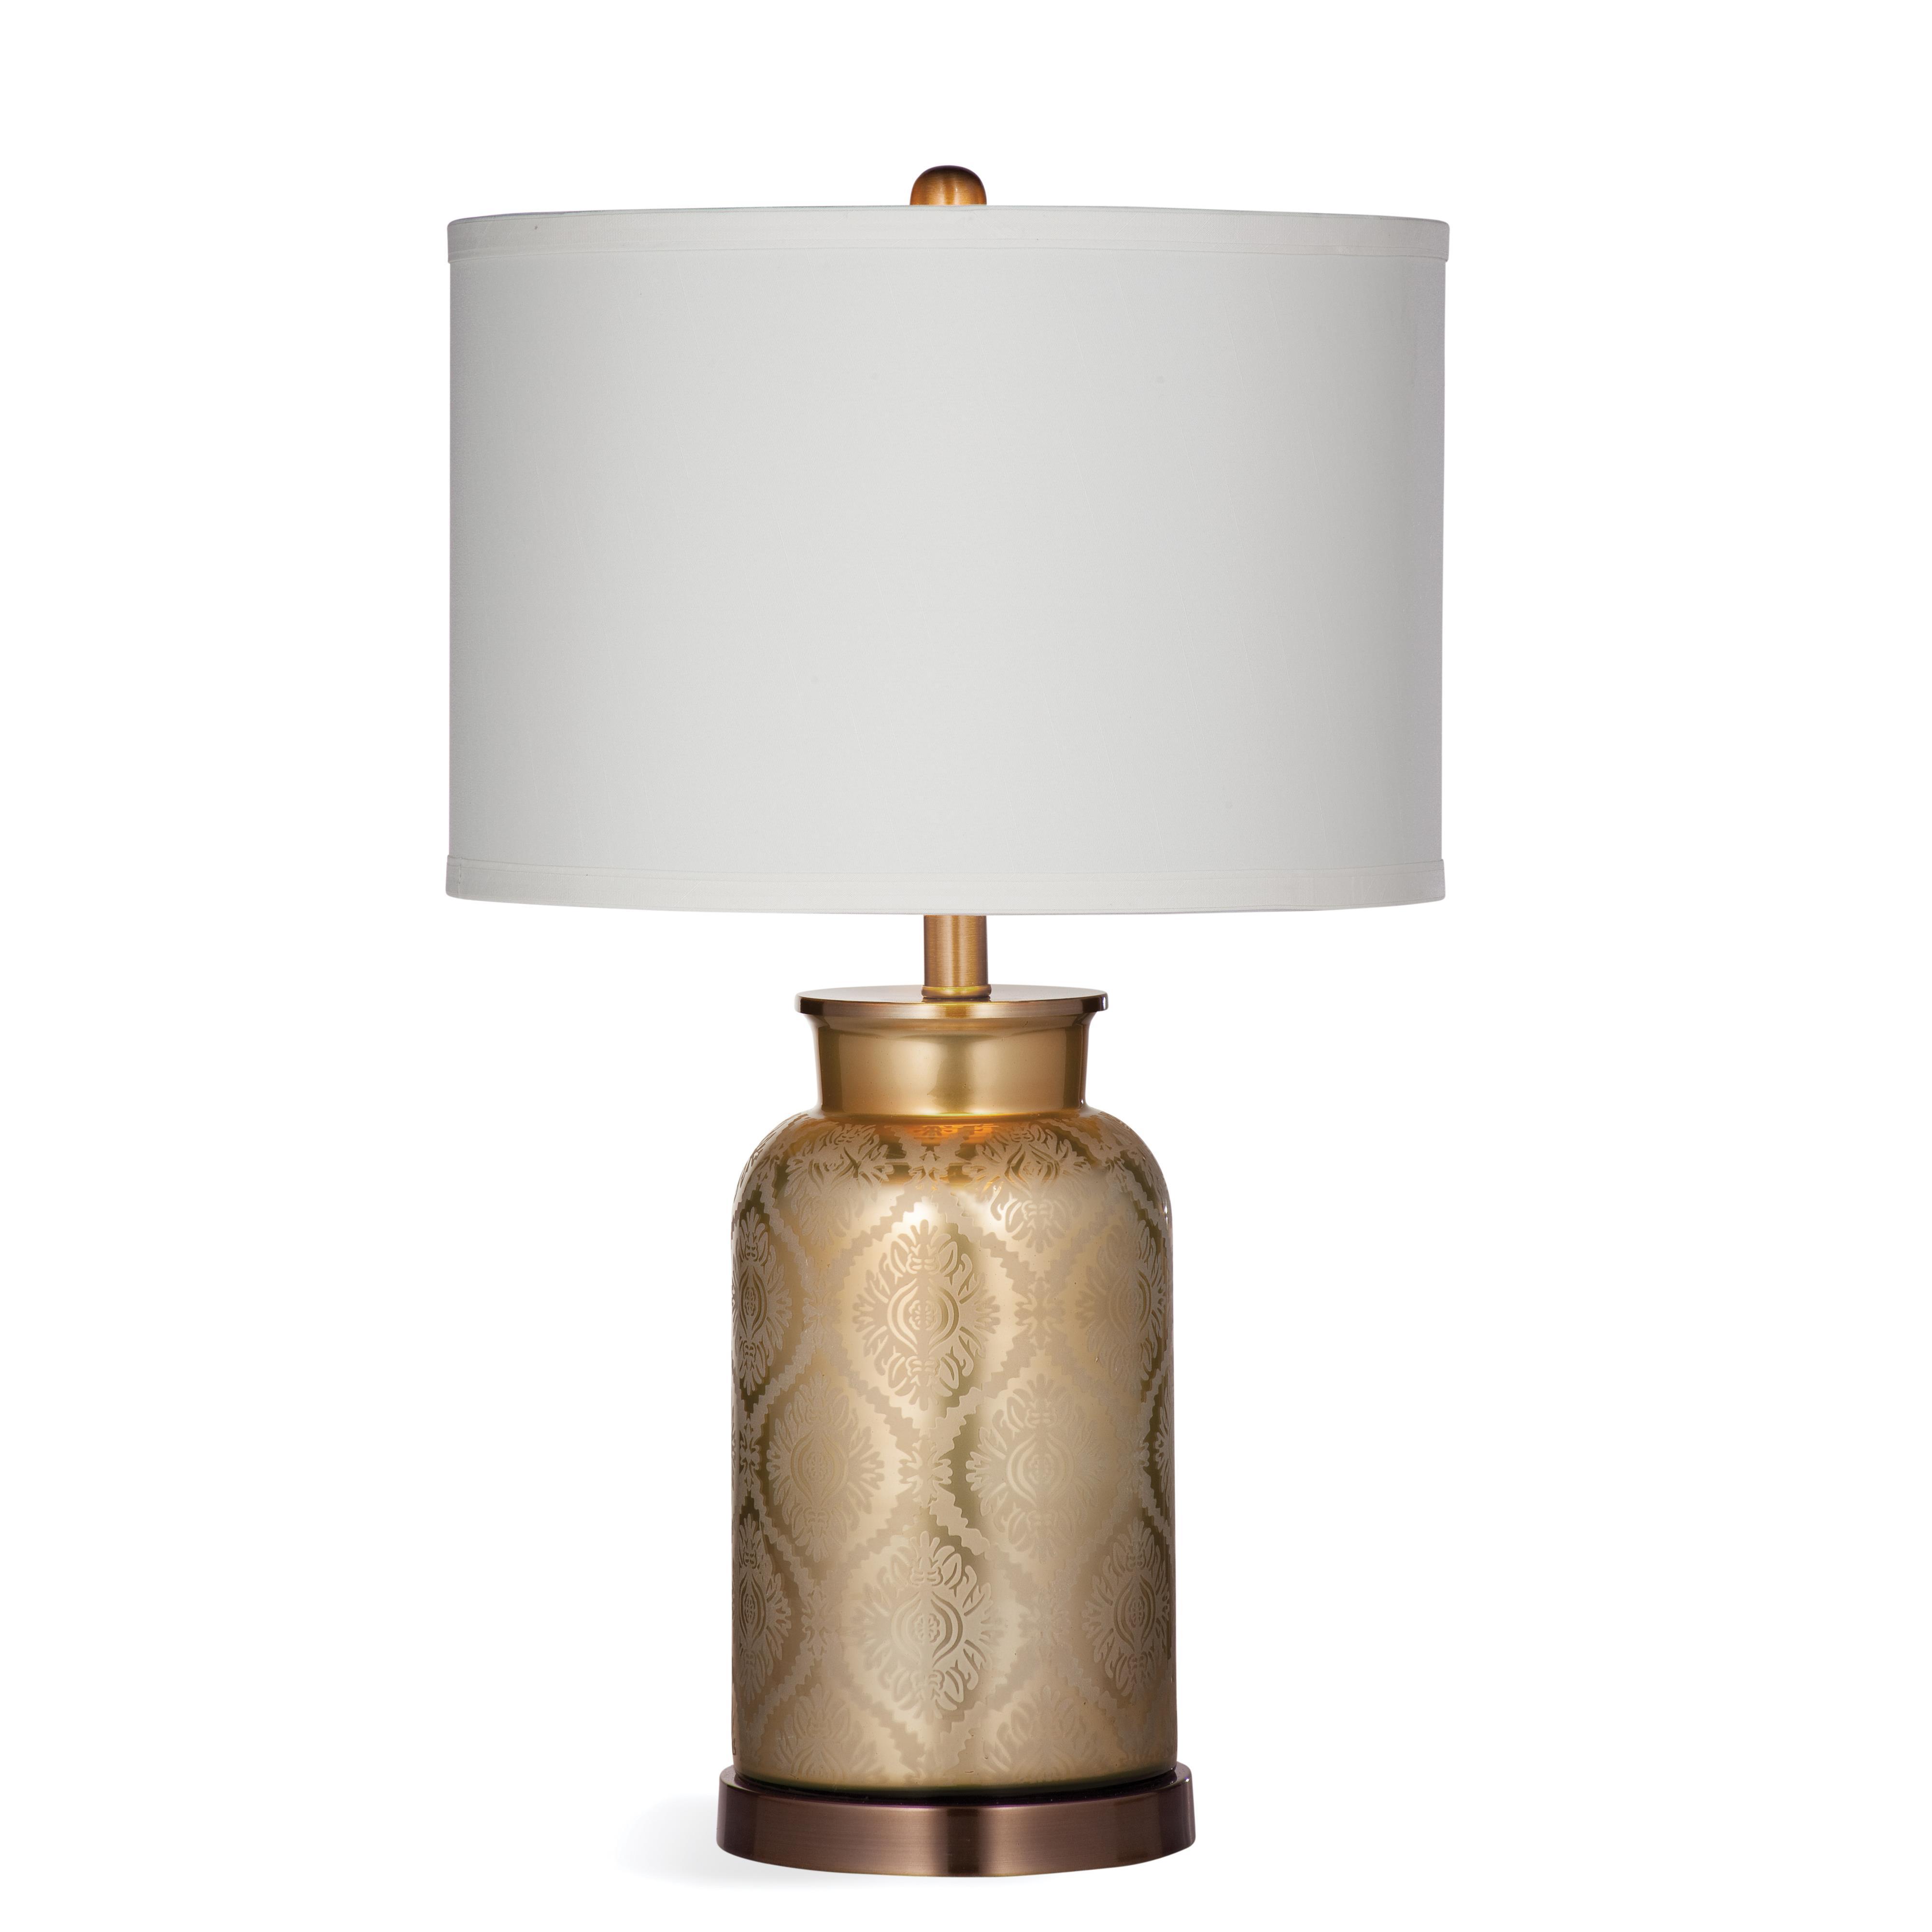 Minden Table Lamp